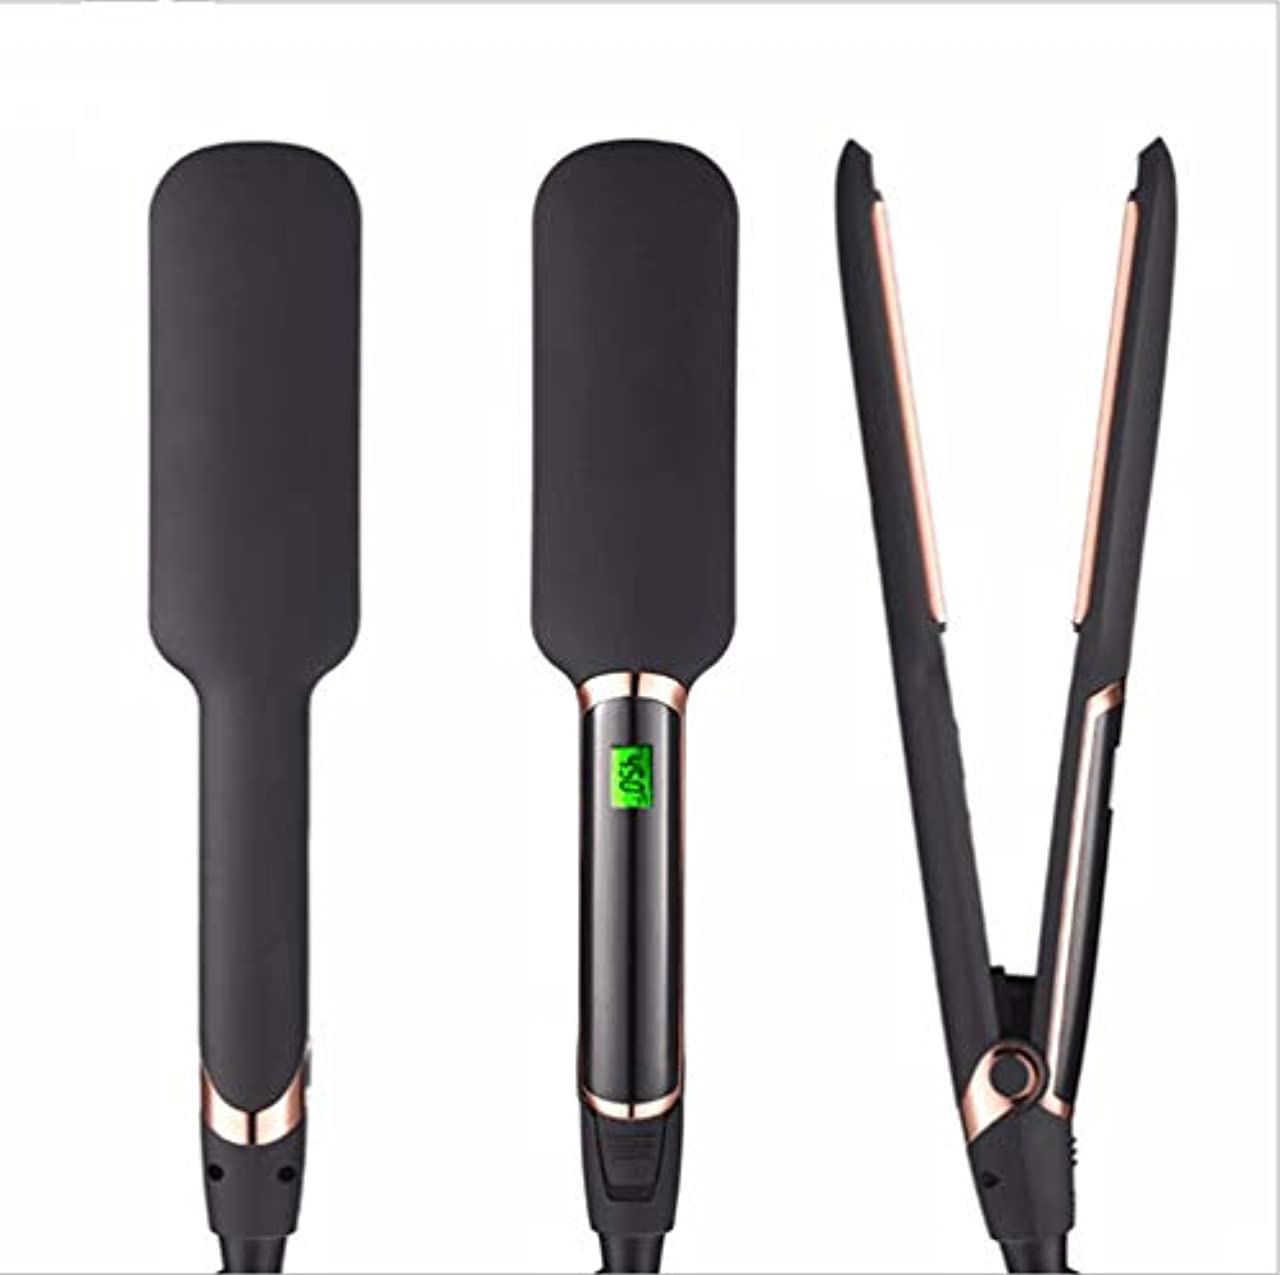 物足りないスティックのぞき見ユニセックス2 in 1ストレートヘアアイロン電気クリンパートルマリンセラミックバレル用調整可能なLCD温度とビーチークリンパ髪アイロン